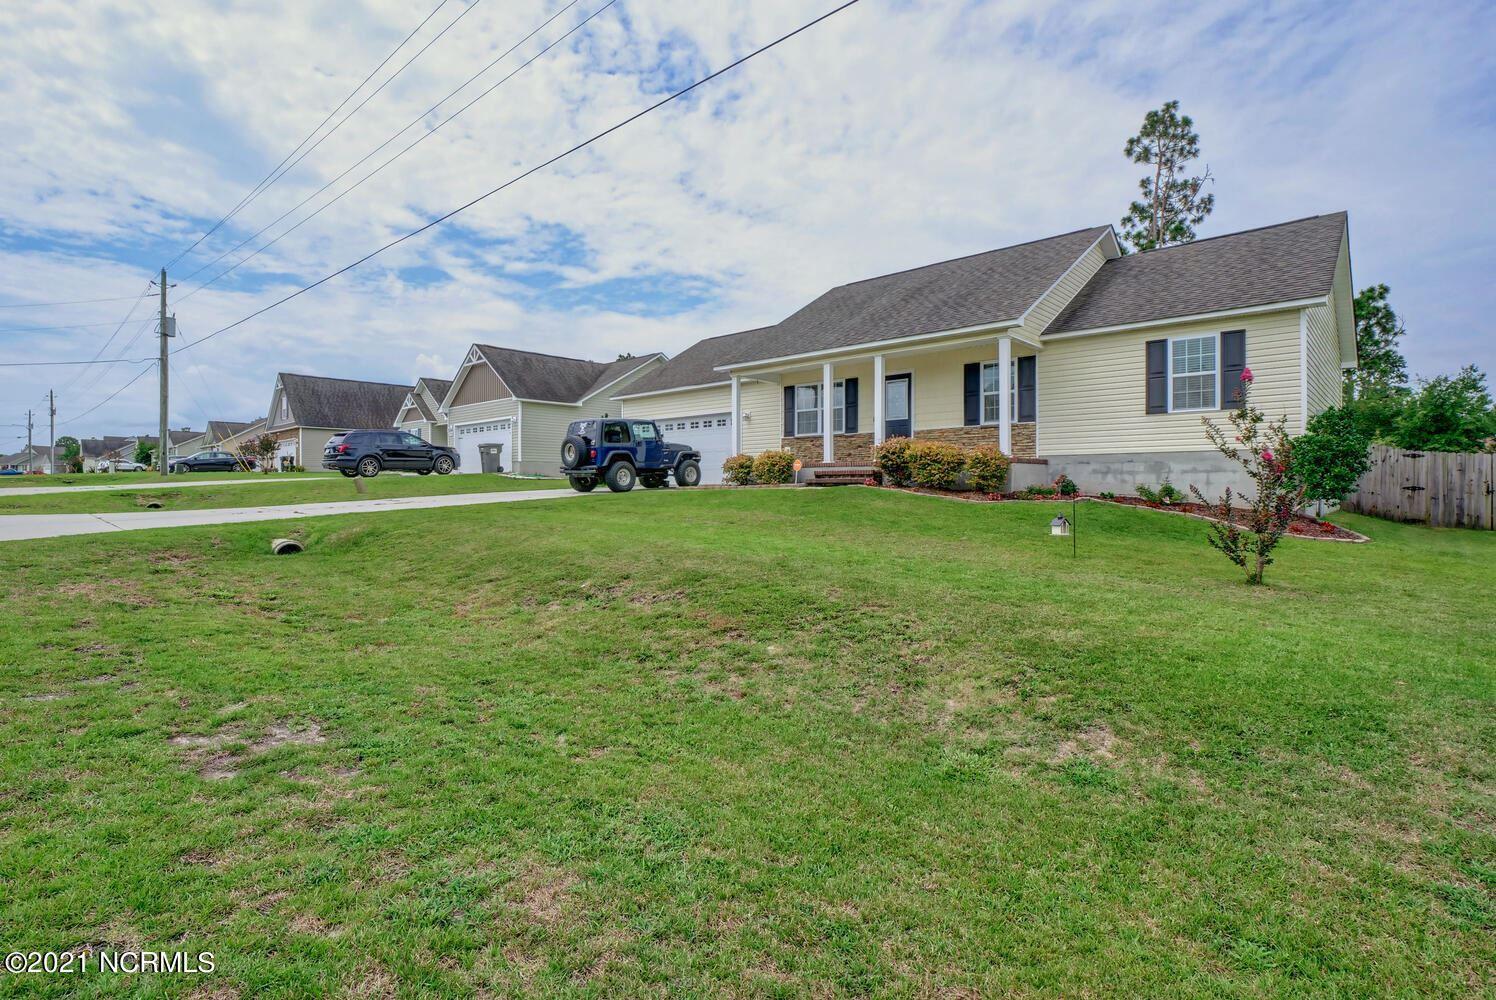 Photo of 136 Rosemary Avenue, Hubert, NC 28539 (MLS # 100283577)